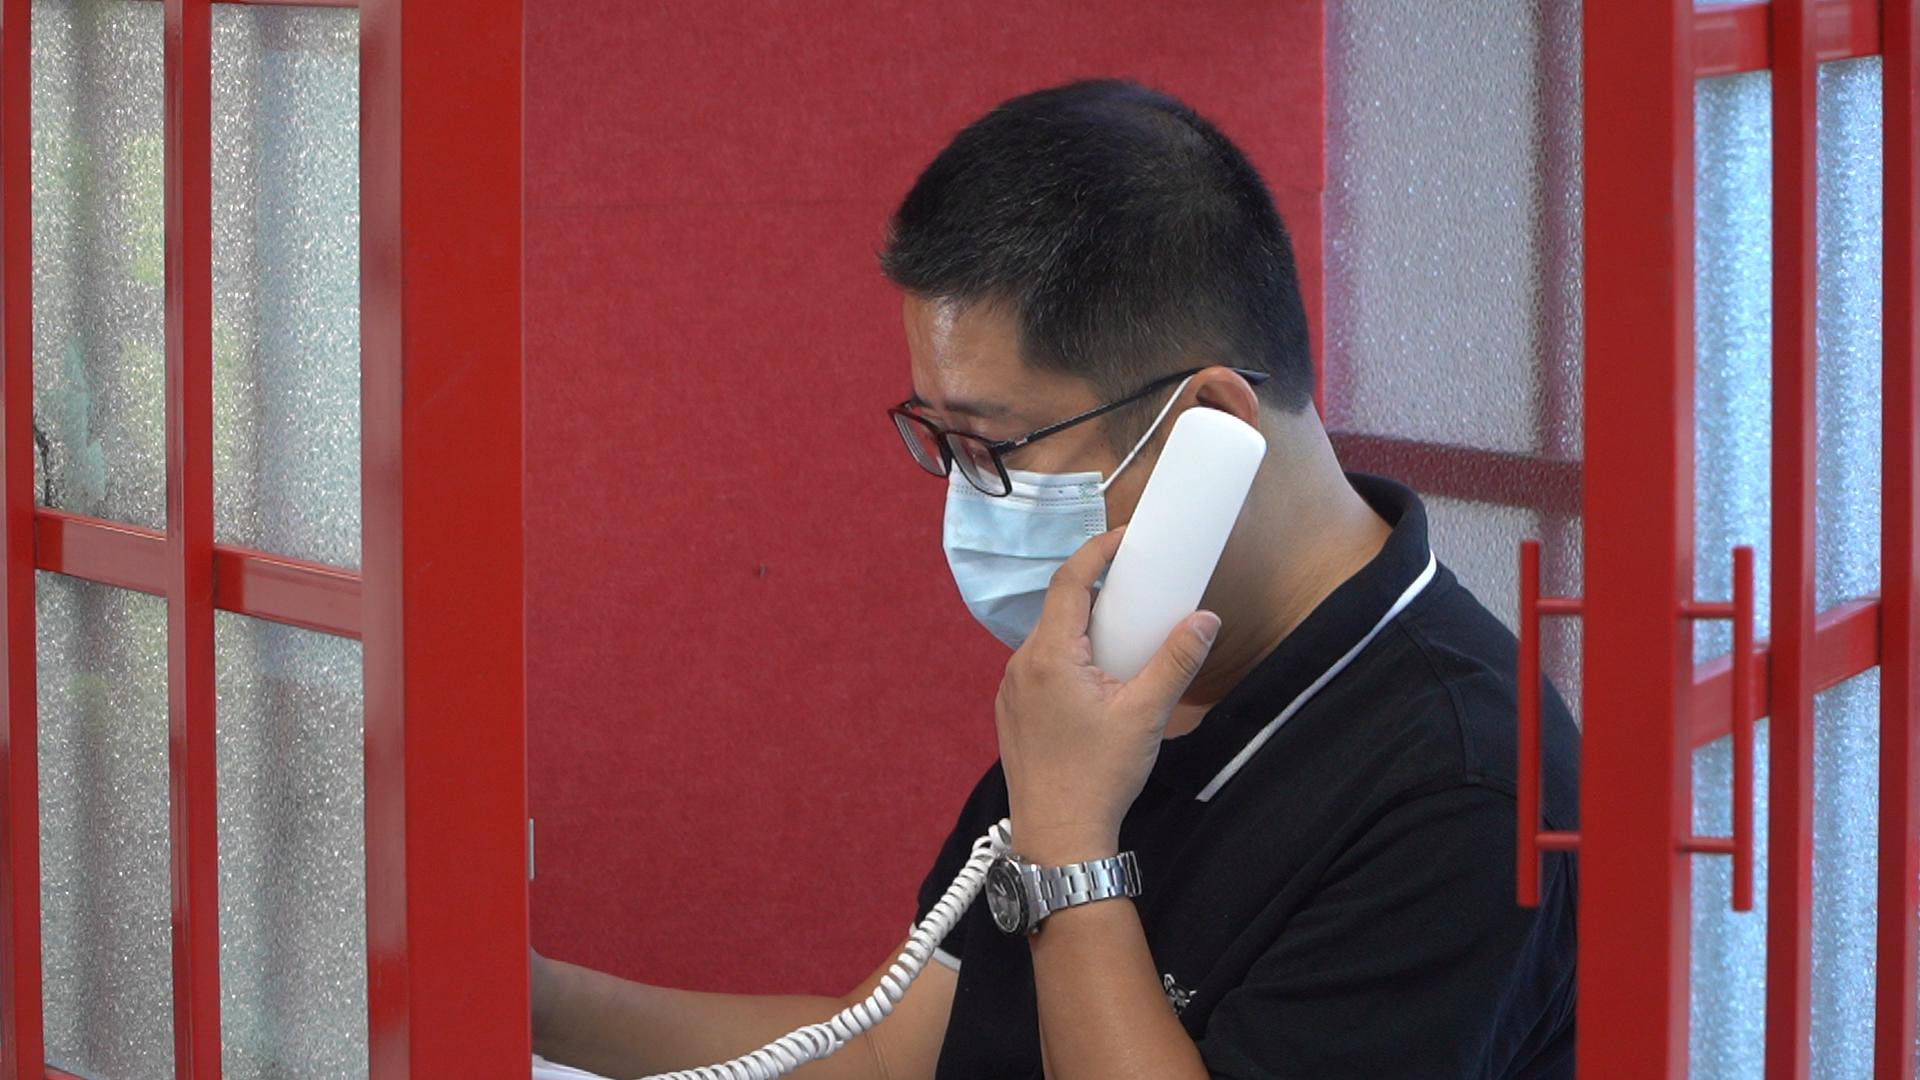 崔洪臣在中秋电话亭给88岁的母亲打电话。新京报记者袁静新 周的